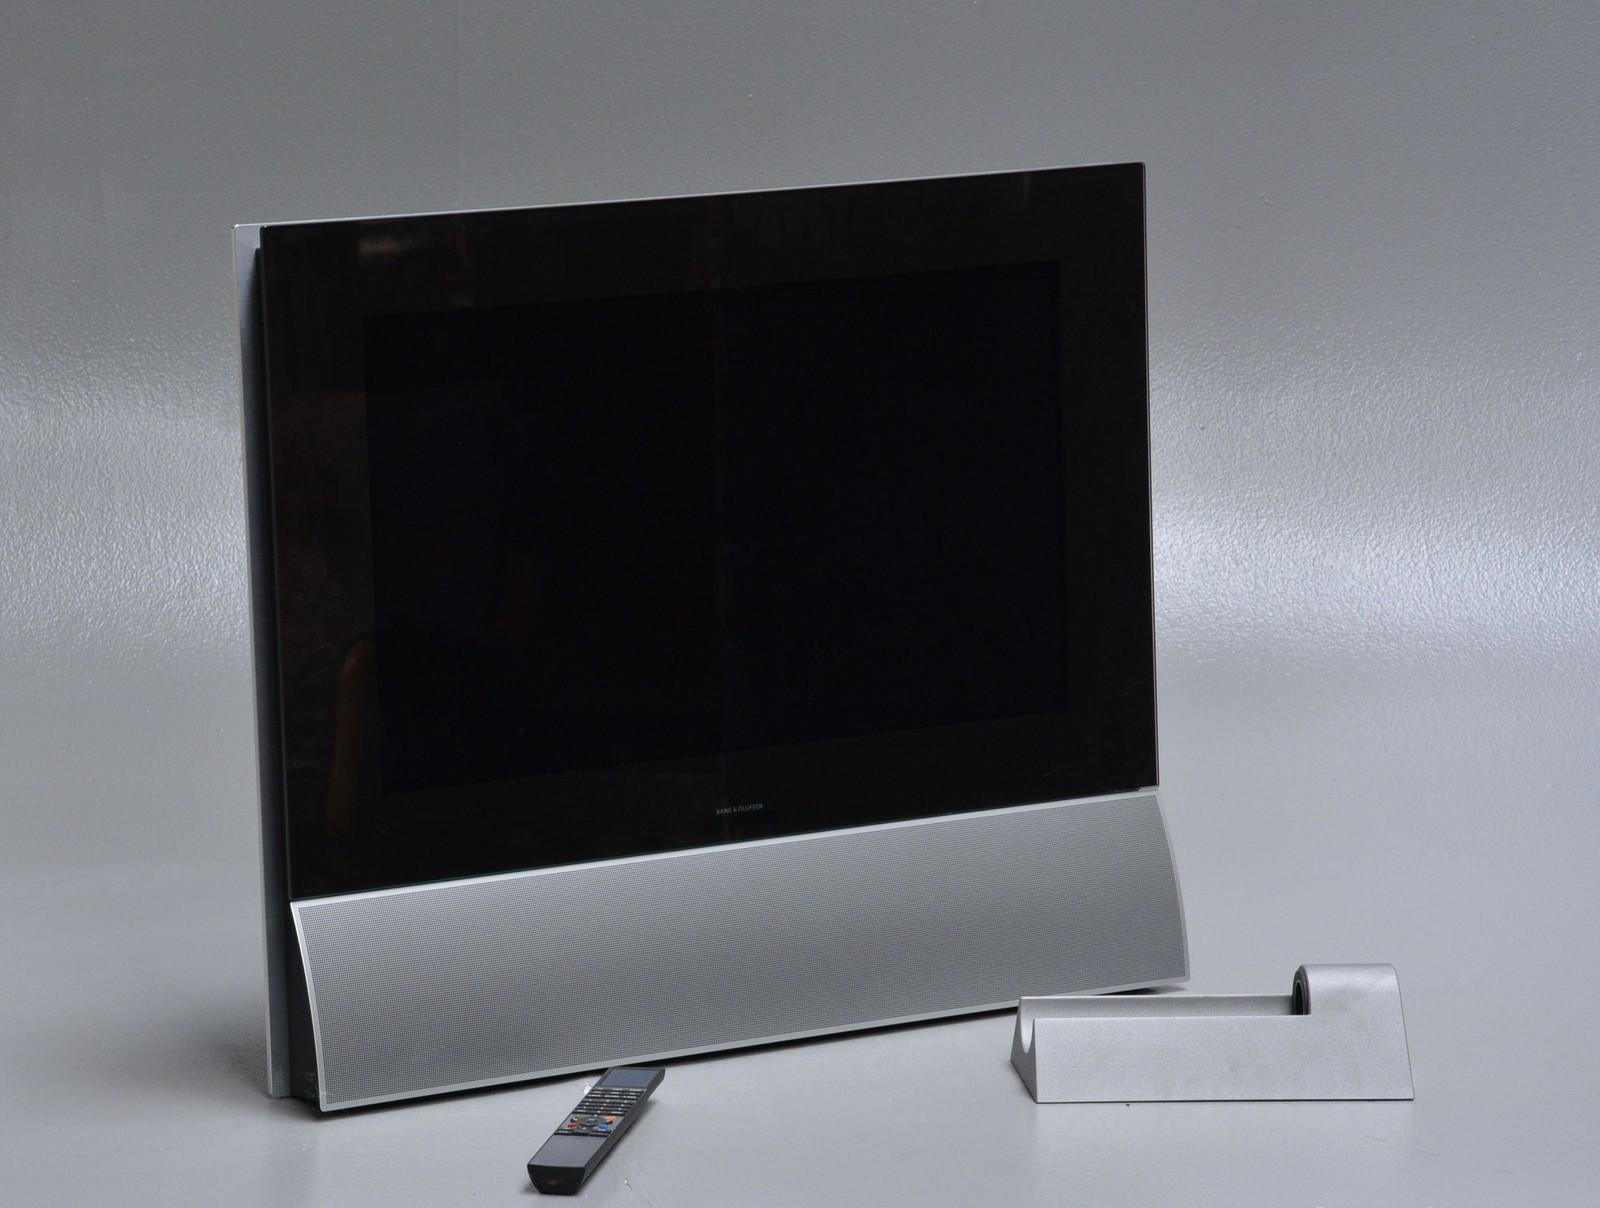 """Bang & Olufsen. BeoCenter 6-26 fladskærm - BANG&OLUFSEN. BeoCenter 6-26"""" fladskærm. Aluminium kabinet, medfølgende vægbeslag og fjernbetjening. Data: 26"""" LCD fladskærm i 16:9 format, Aktive højttalere, stereo NICAM/A2 99 TV programmer 2 x PowerLink DVI, 2 x scartstik, 3 x Phono (video..."""